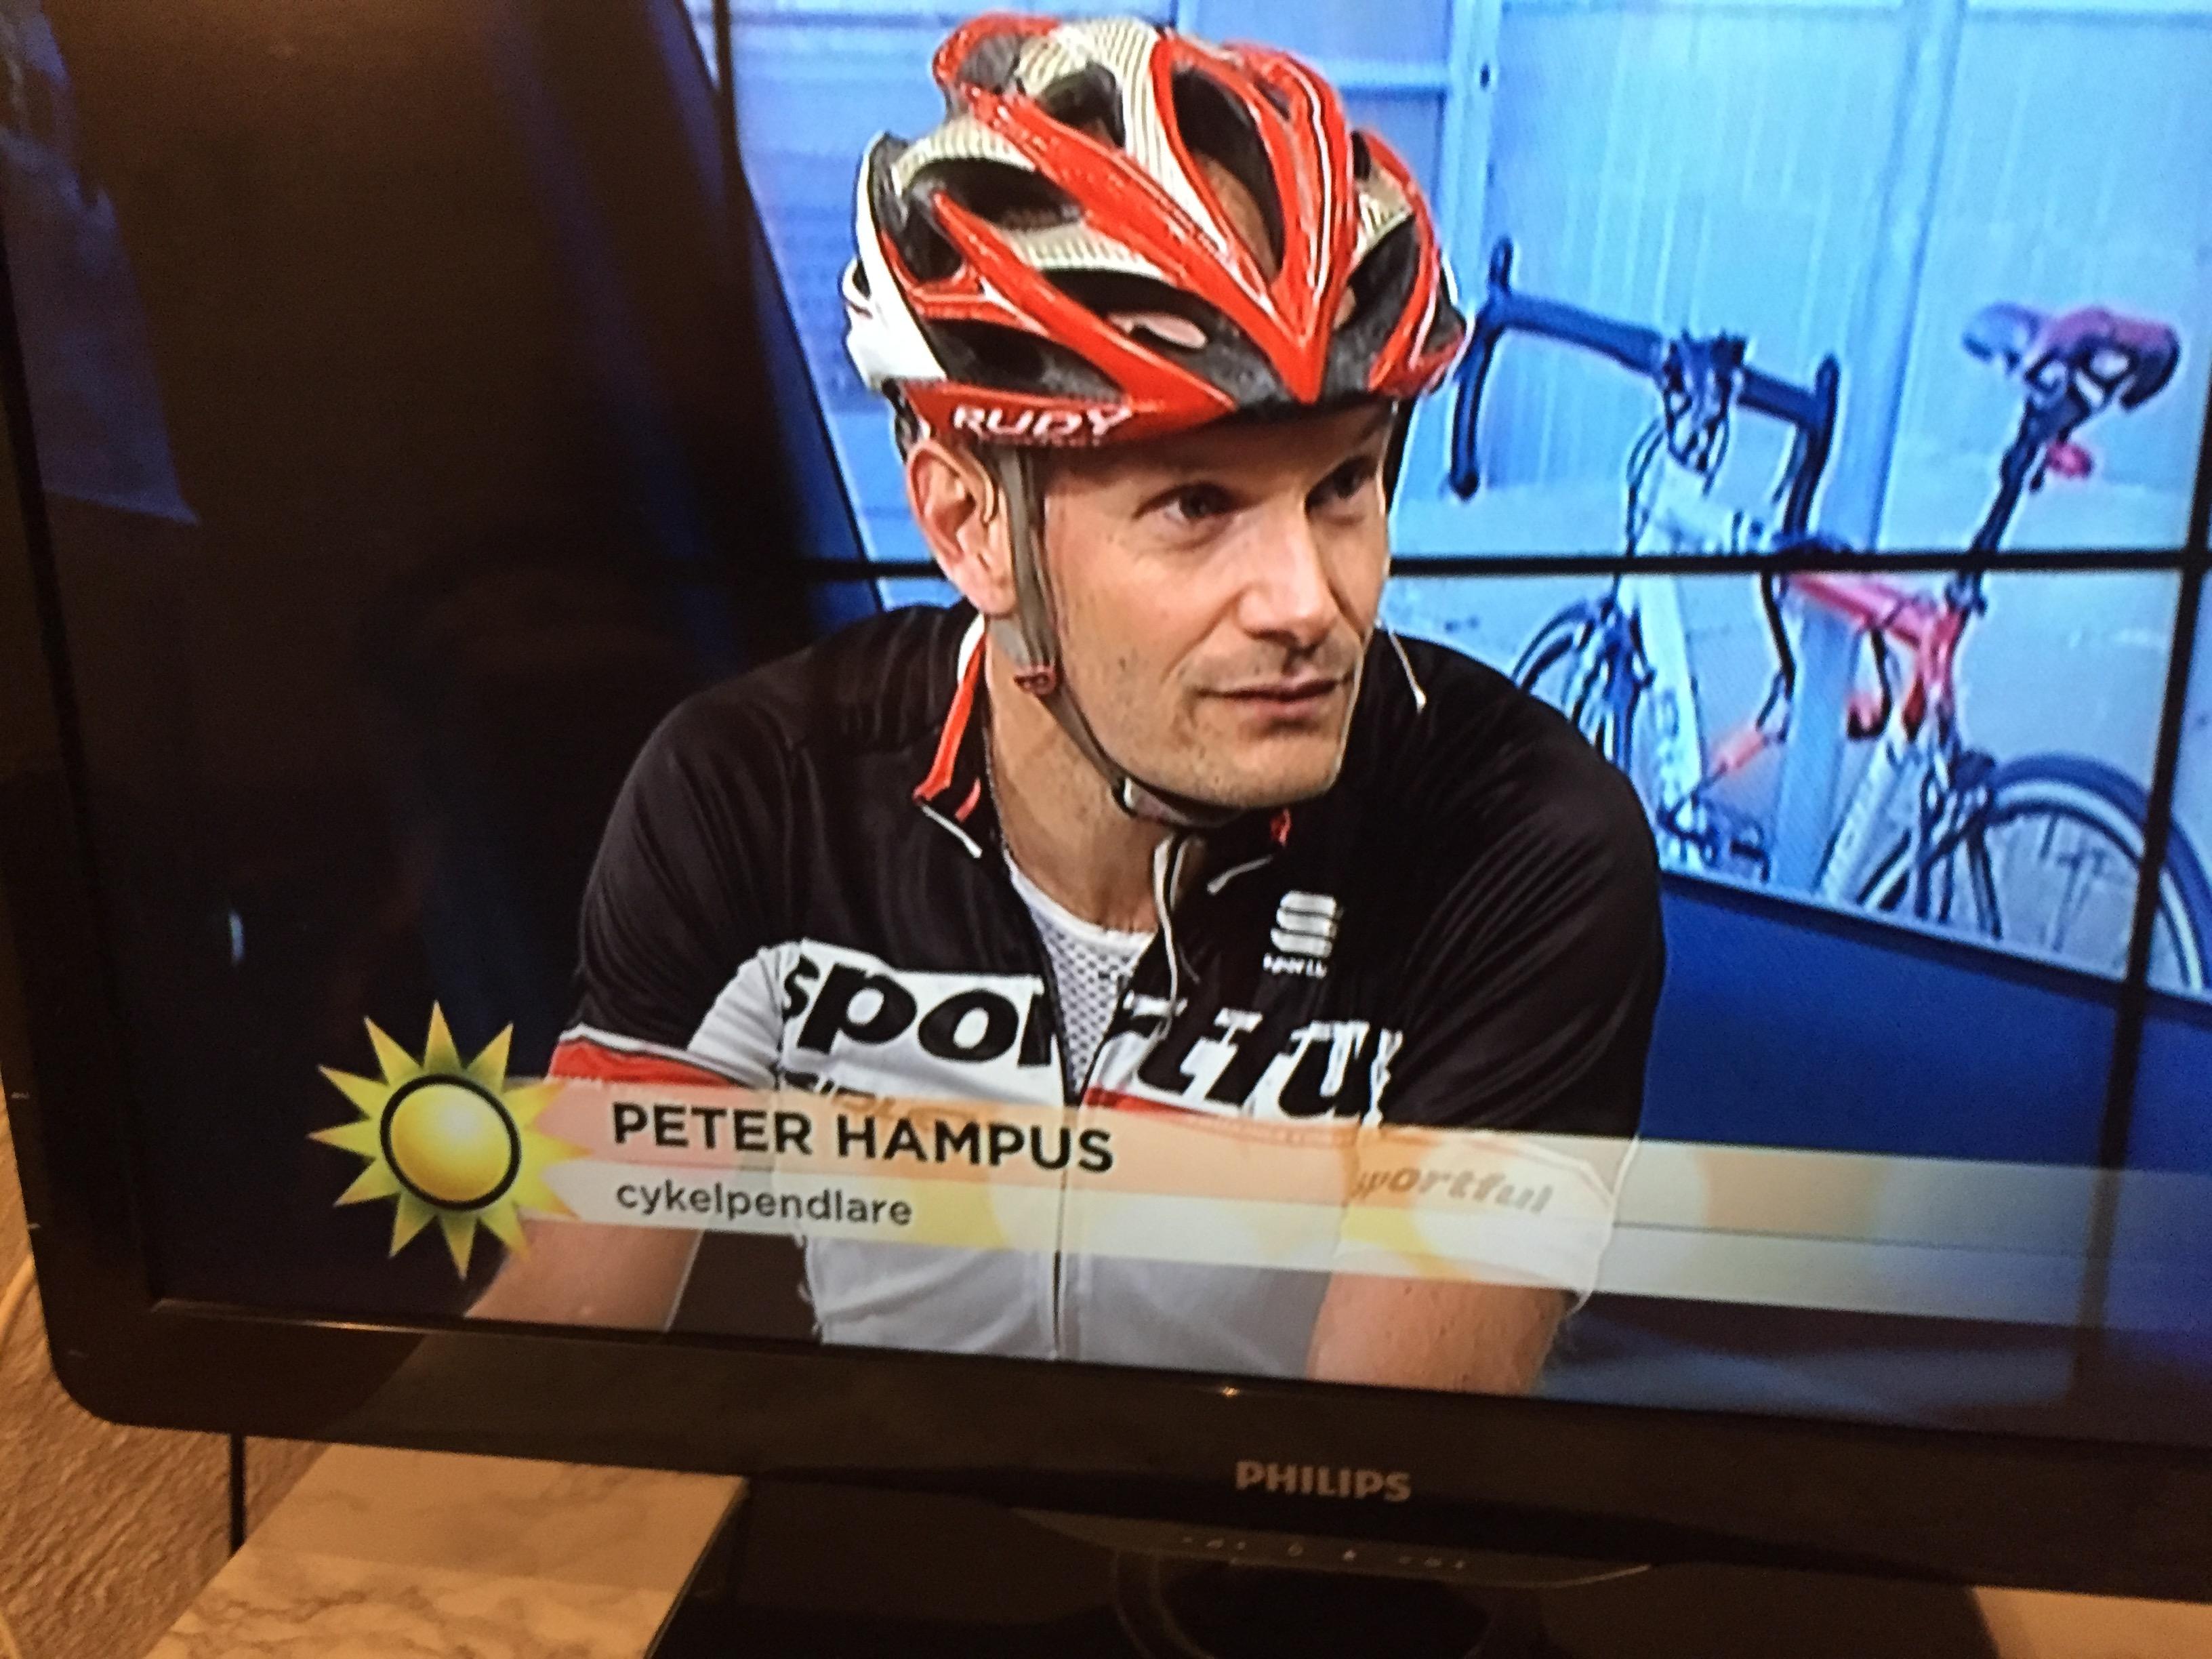 Peter Hampus intervjuas i TV 4